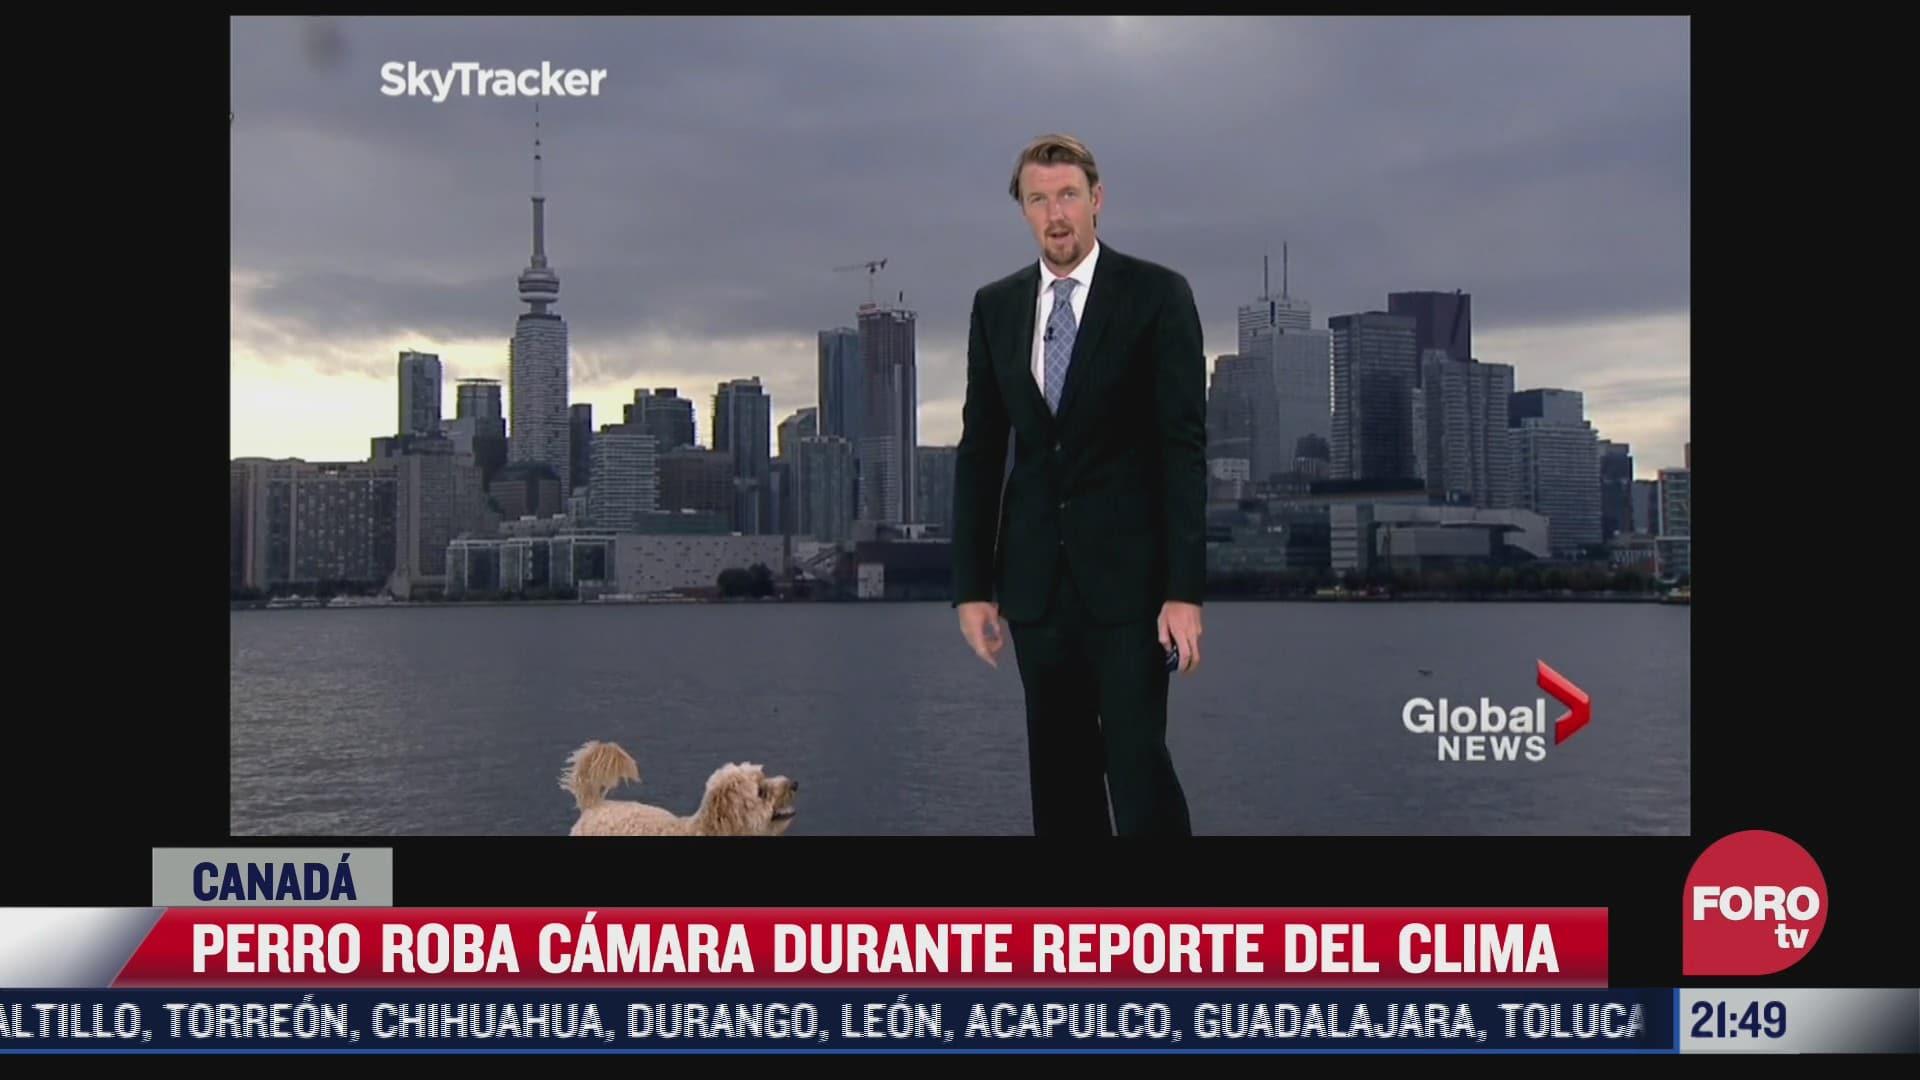 video perrito roba camara en noticiero canadiense